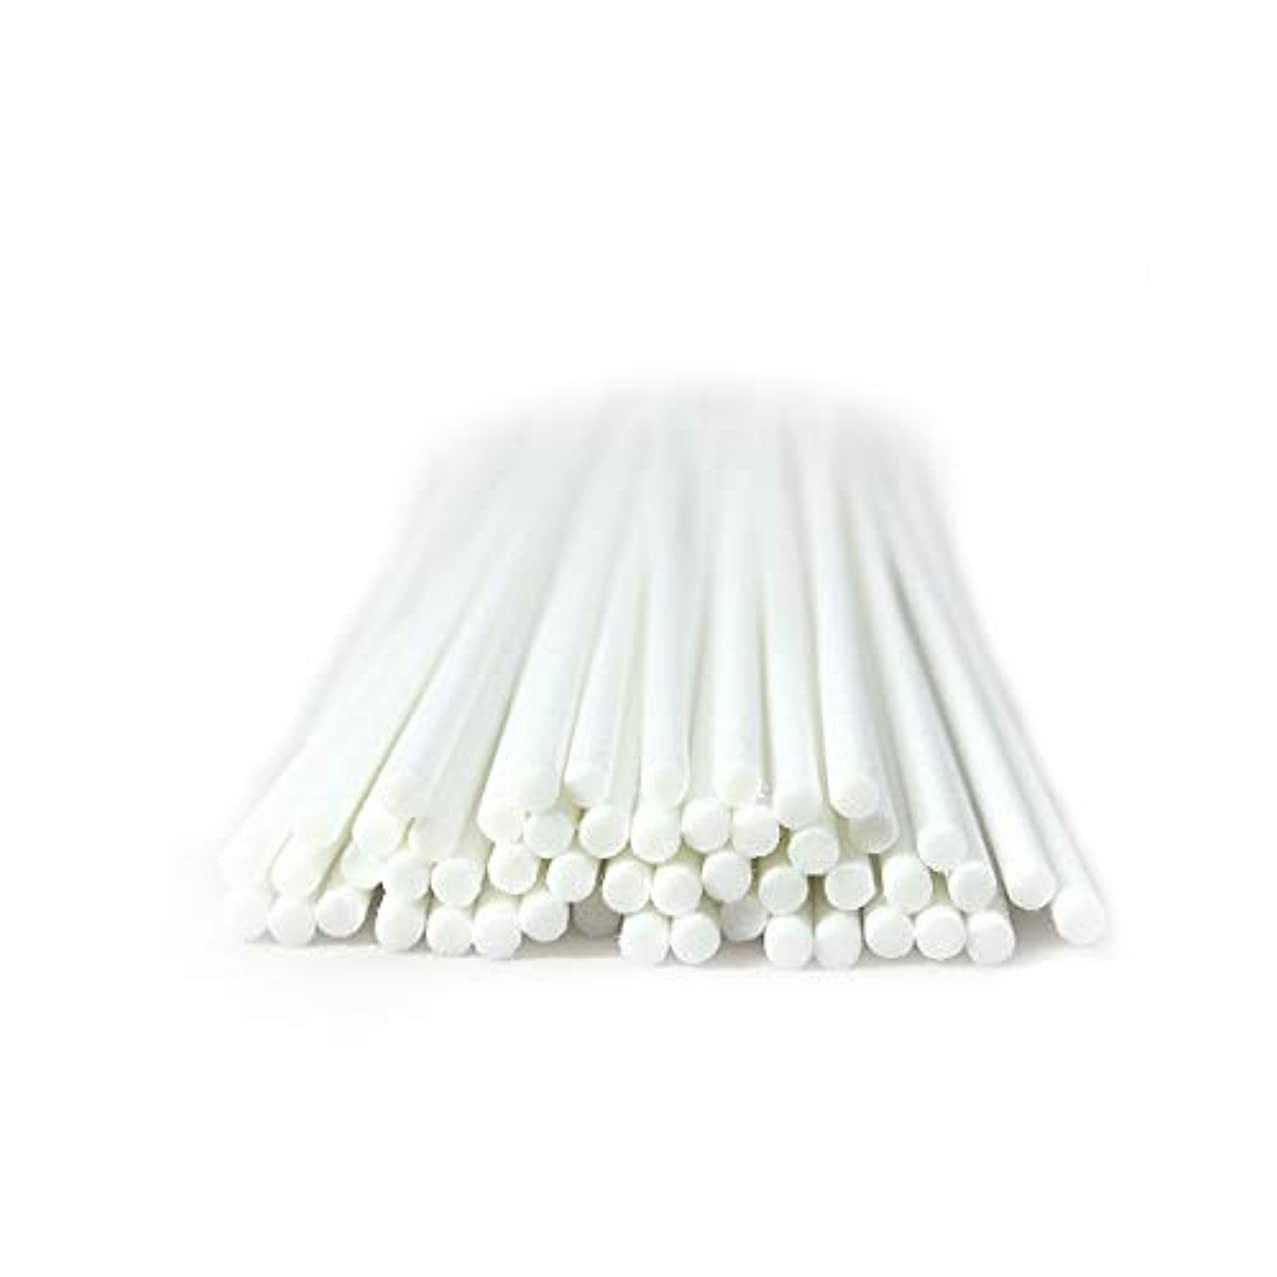 提供された火傷マーティフィールディング家の芳香のための50本 セット繊維のリードの拡散器の棒 (20cm*3mm, 白)